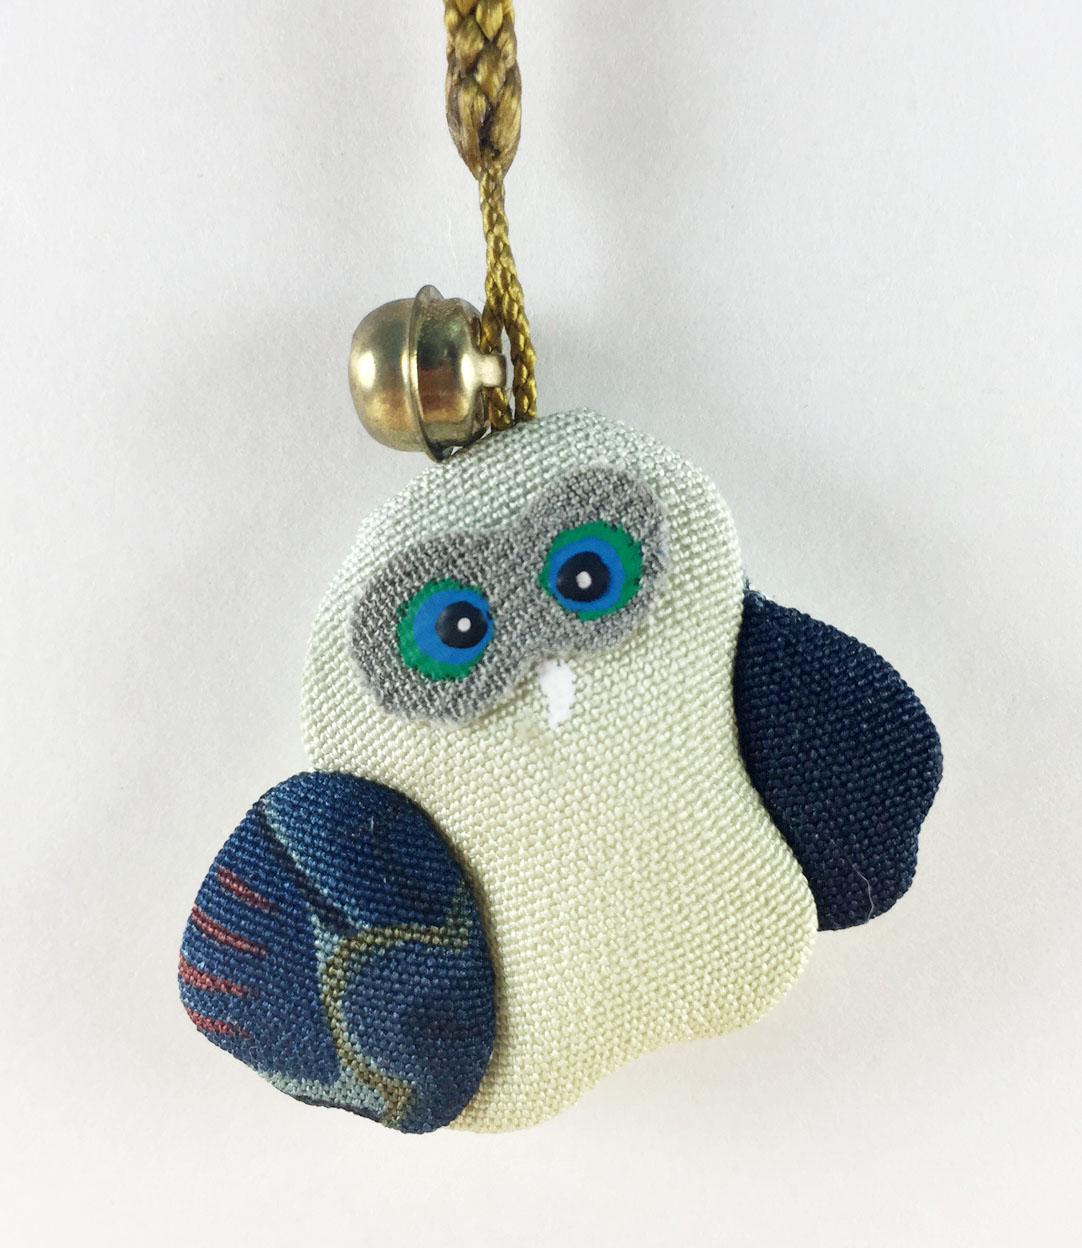 震撼精品百貨日本手機吊飾~和風布材質-貓頭鷹圖案-藍翅膀